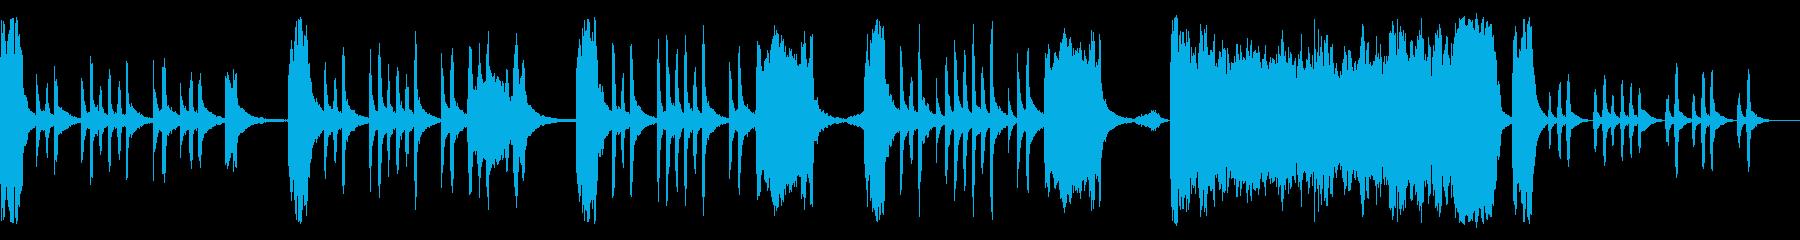 コミカルファンタジーの変人 ループ仕様の再生済みの波形